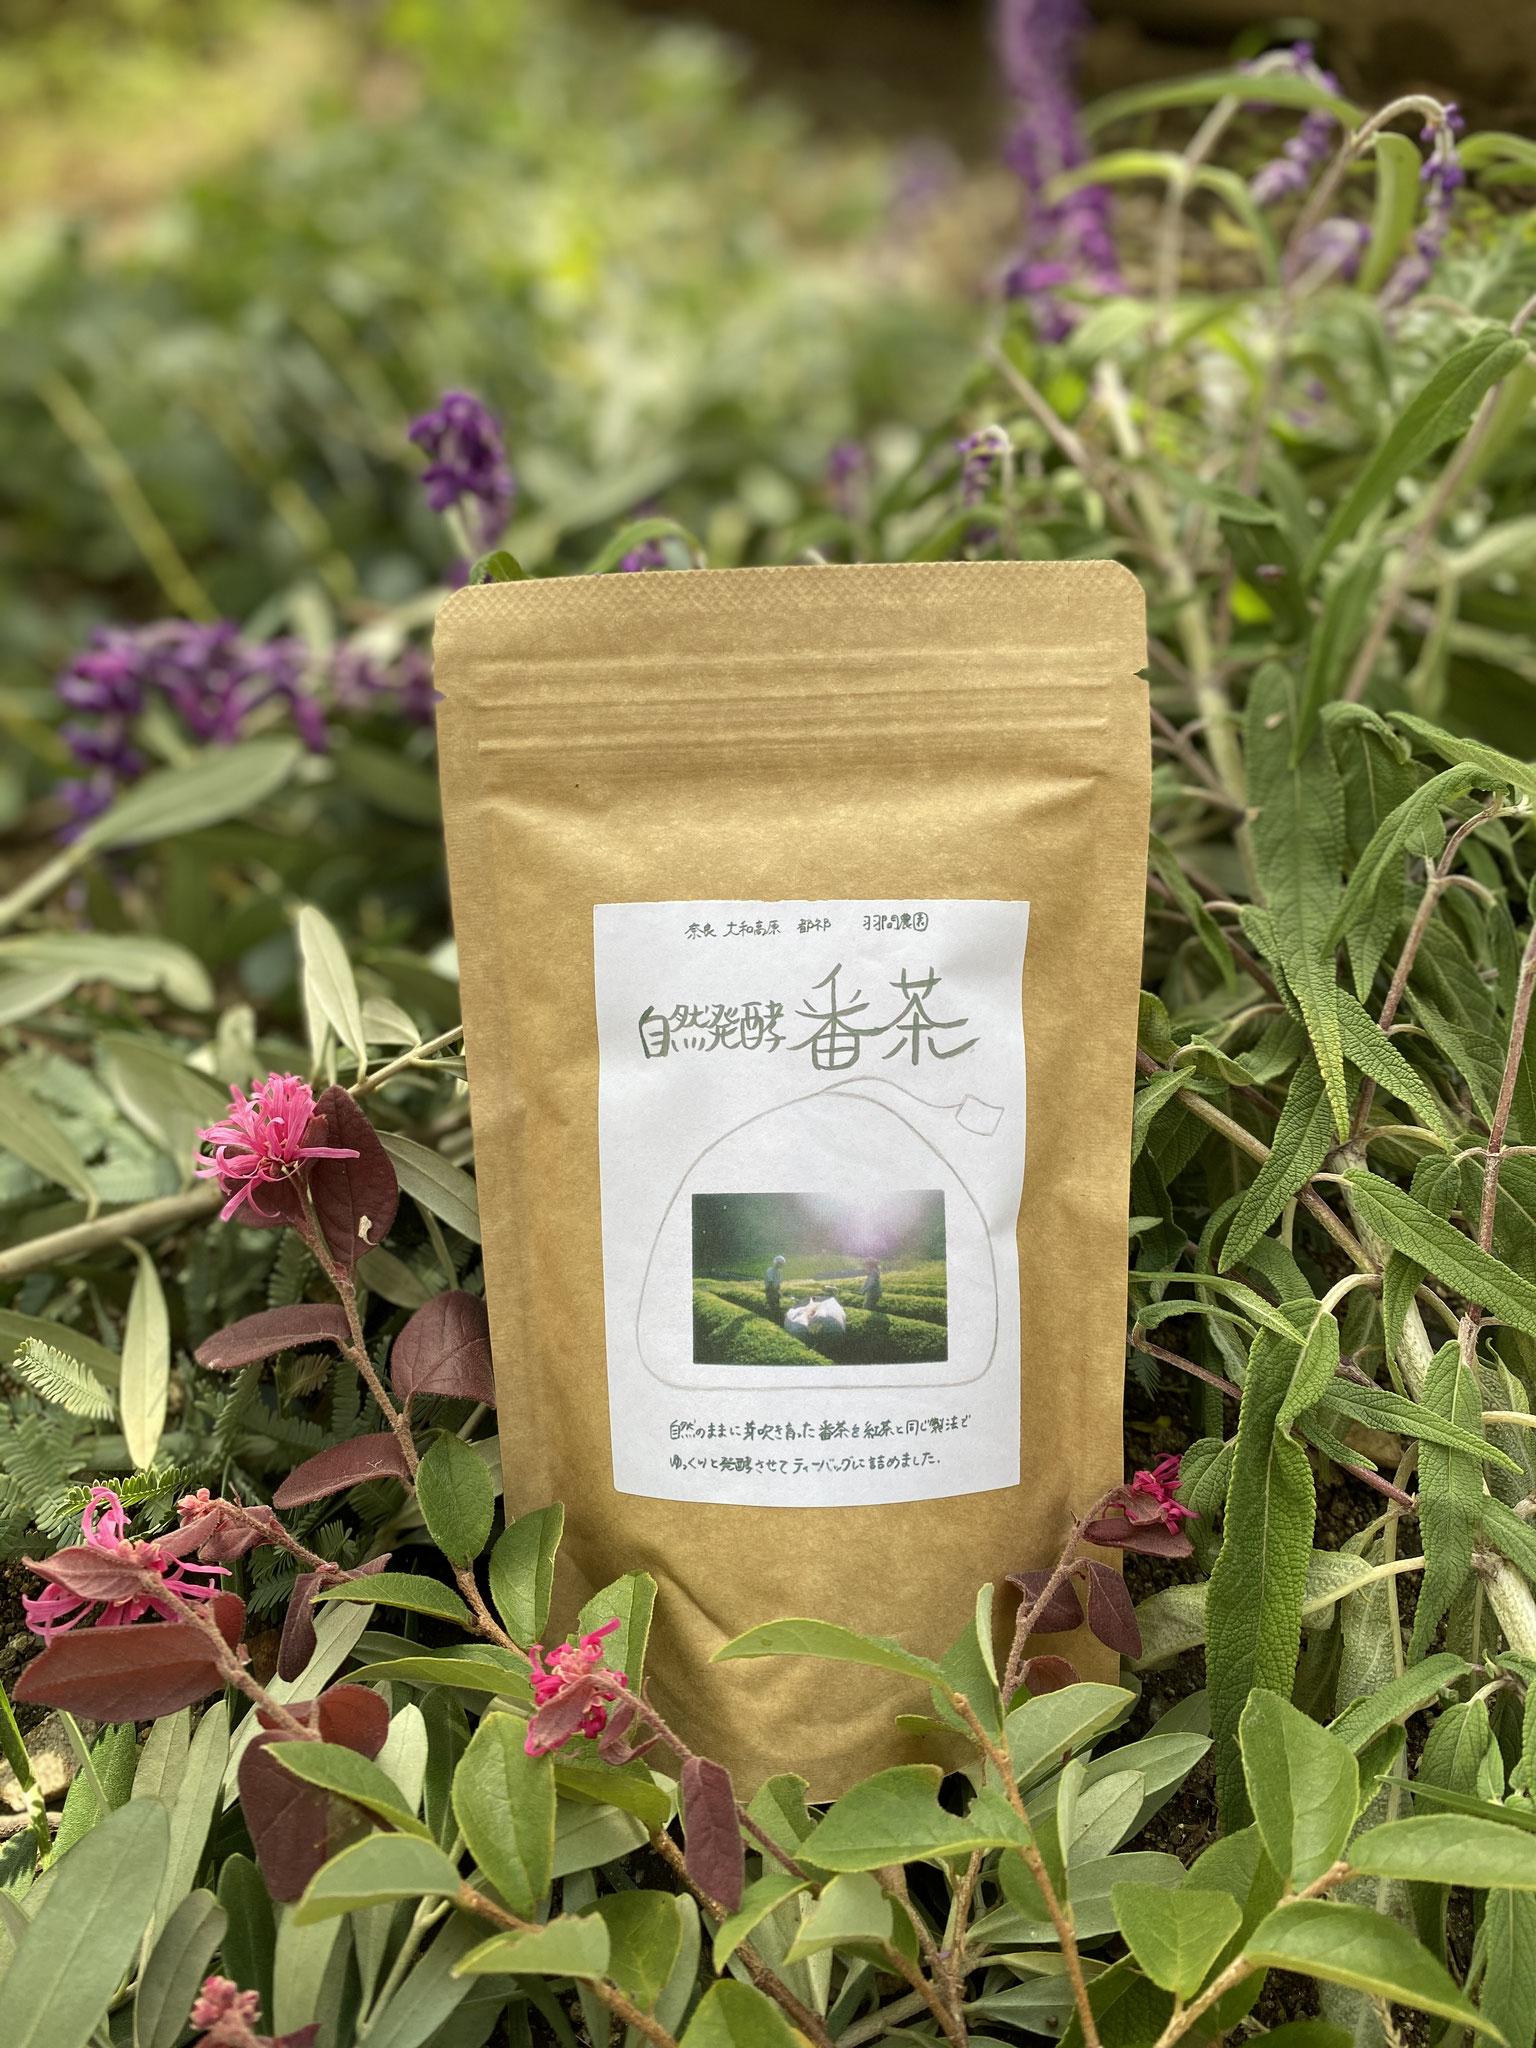 羽間農園自然発酵番茶